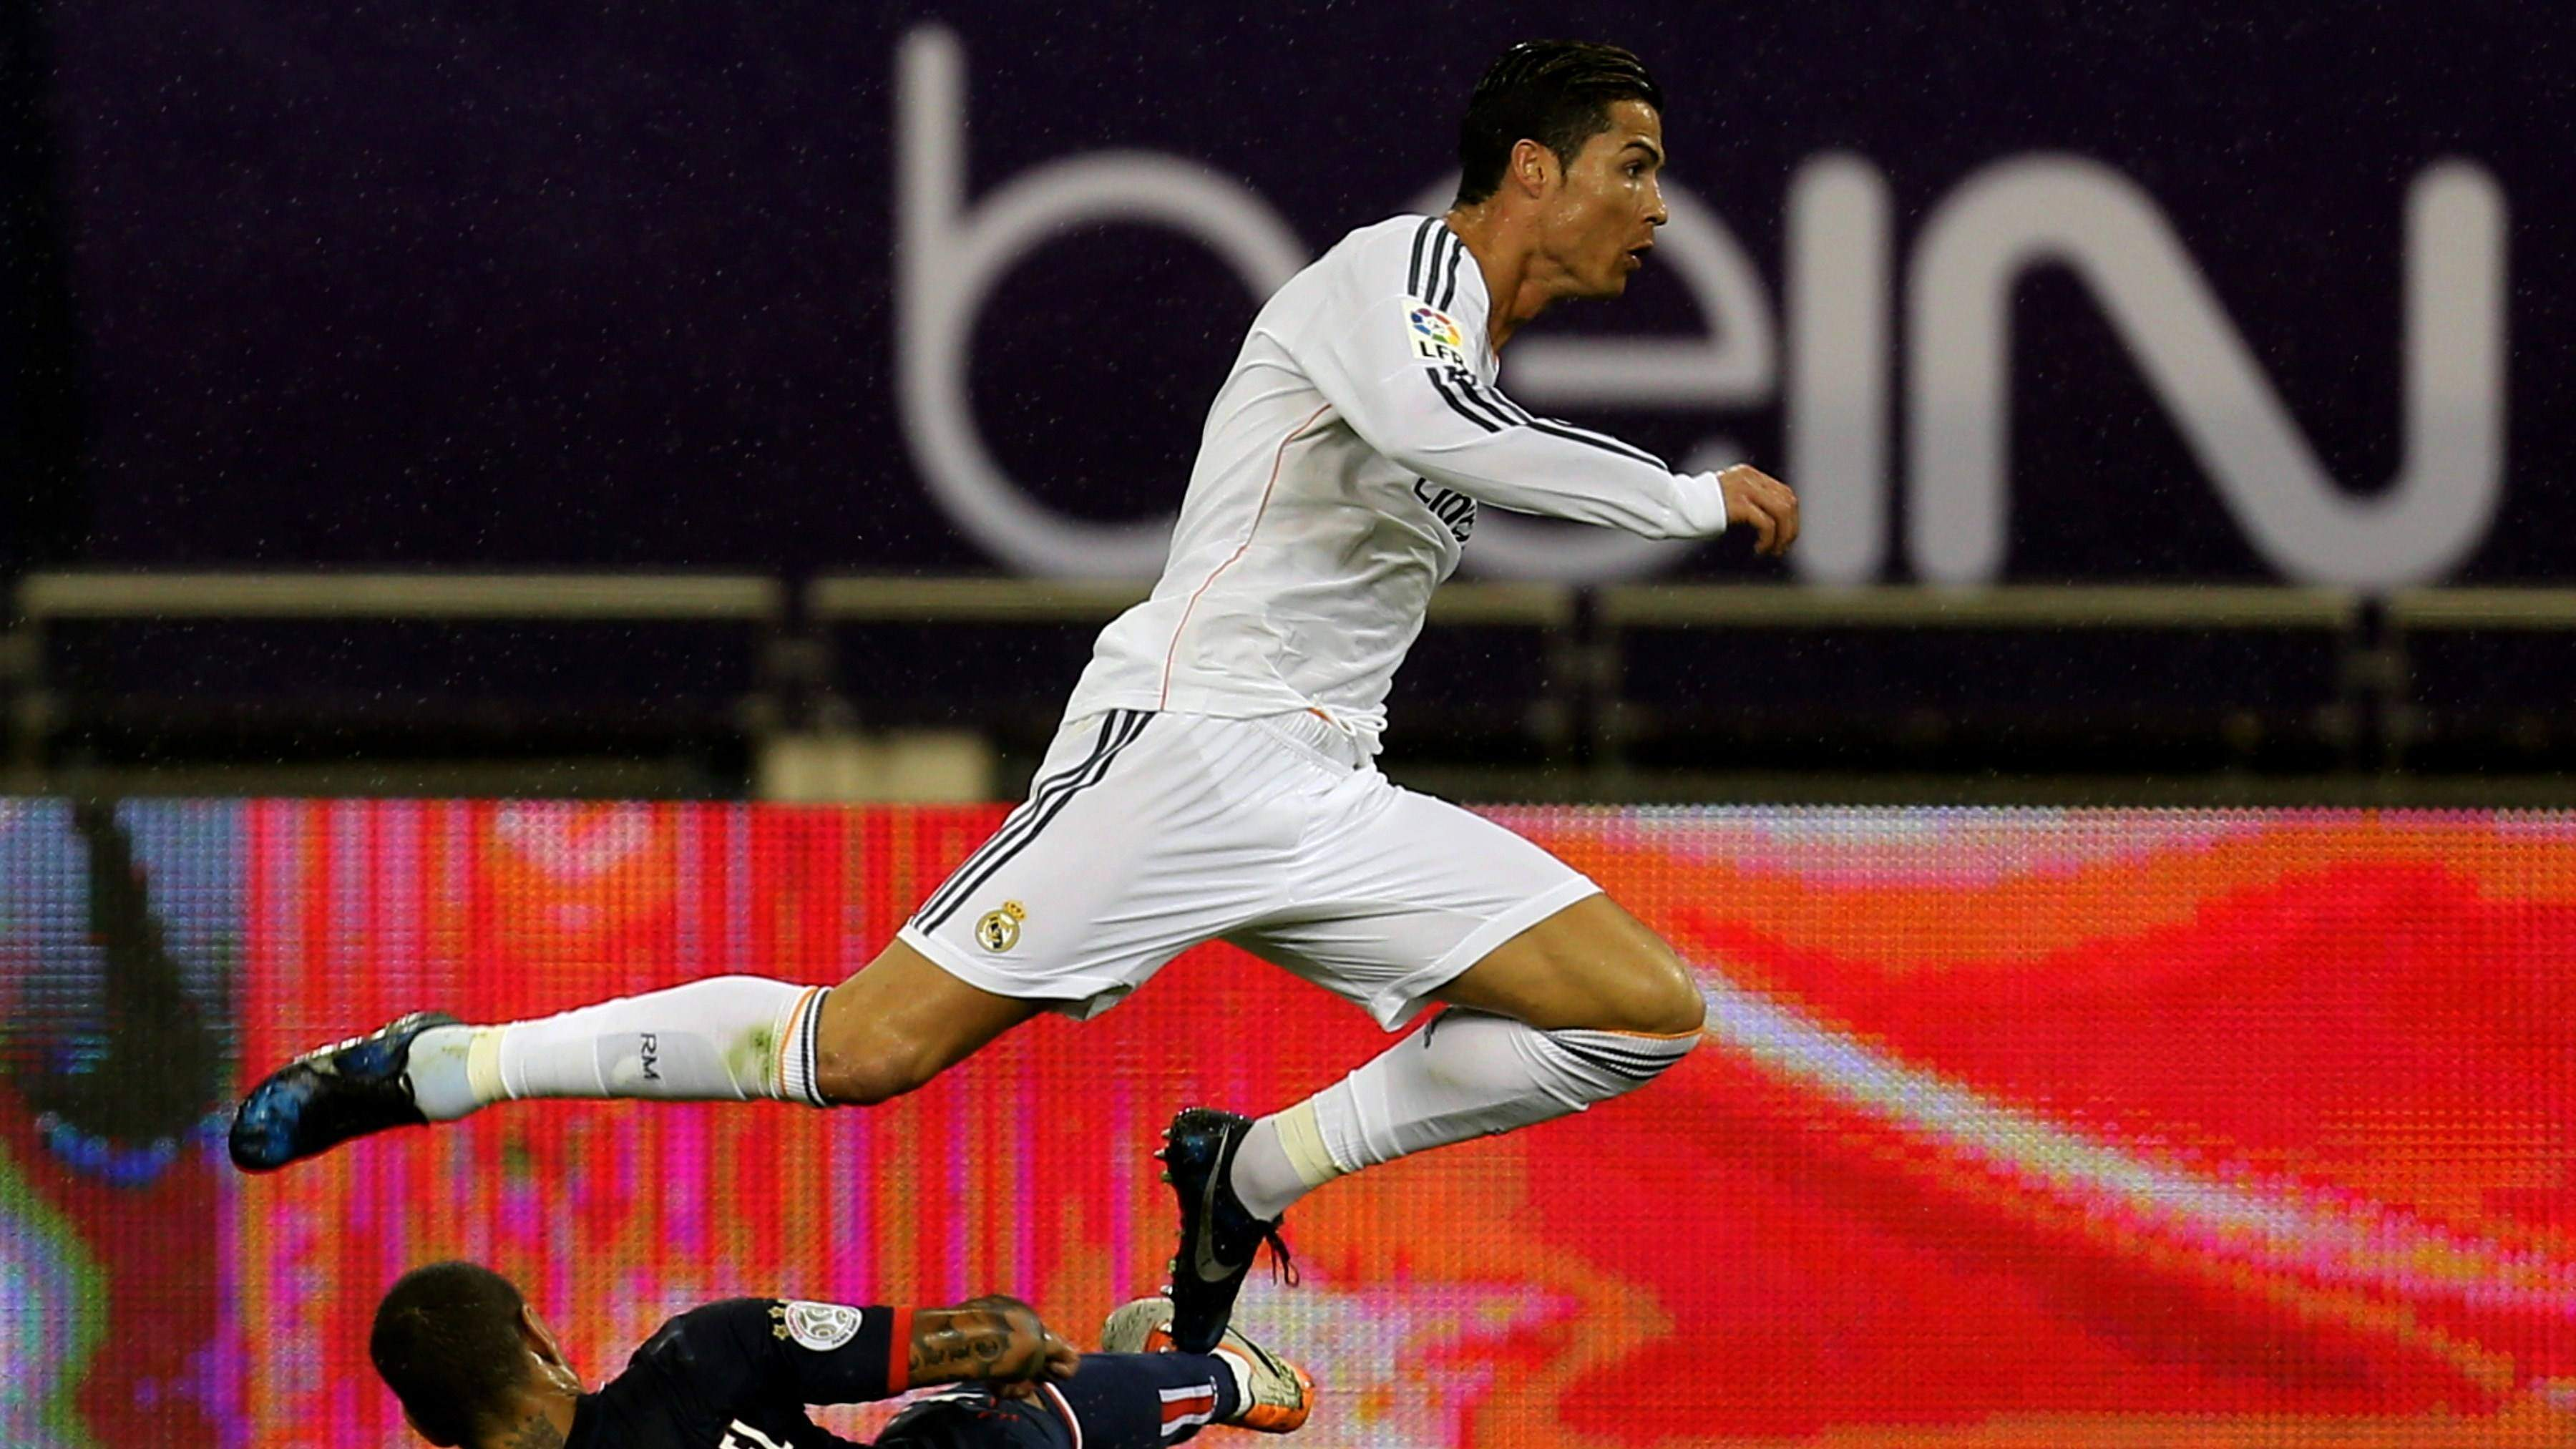 总裁无私做球 伊斯科大力远射被扑出底线_皇家马德里